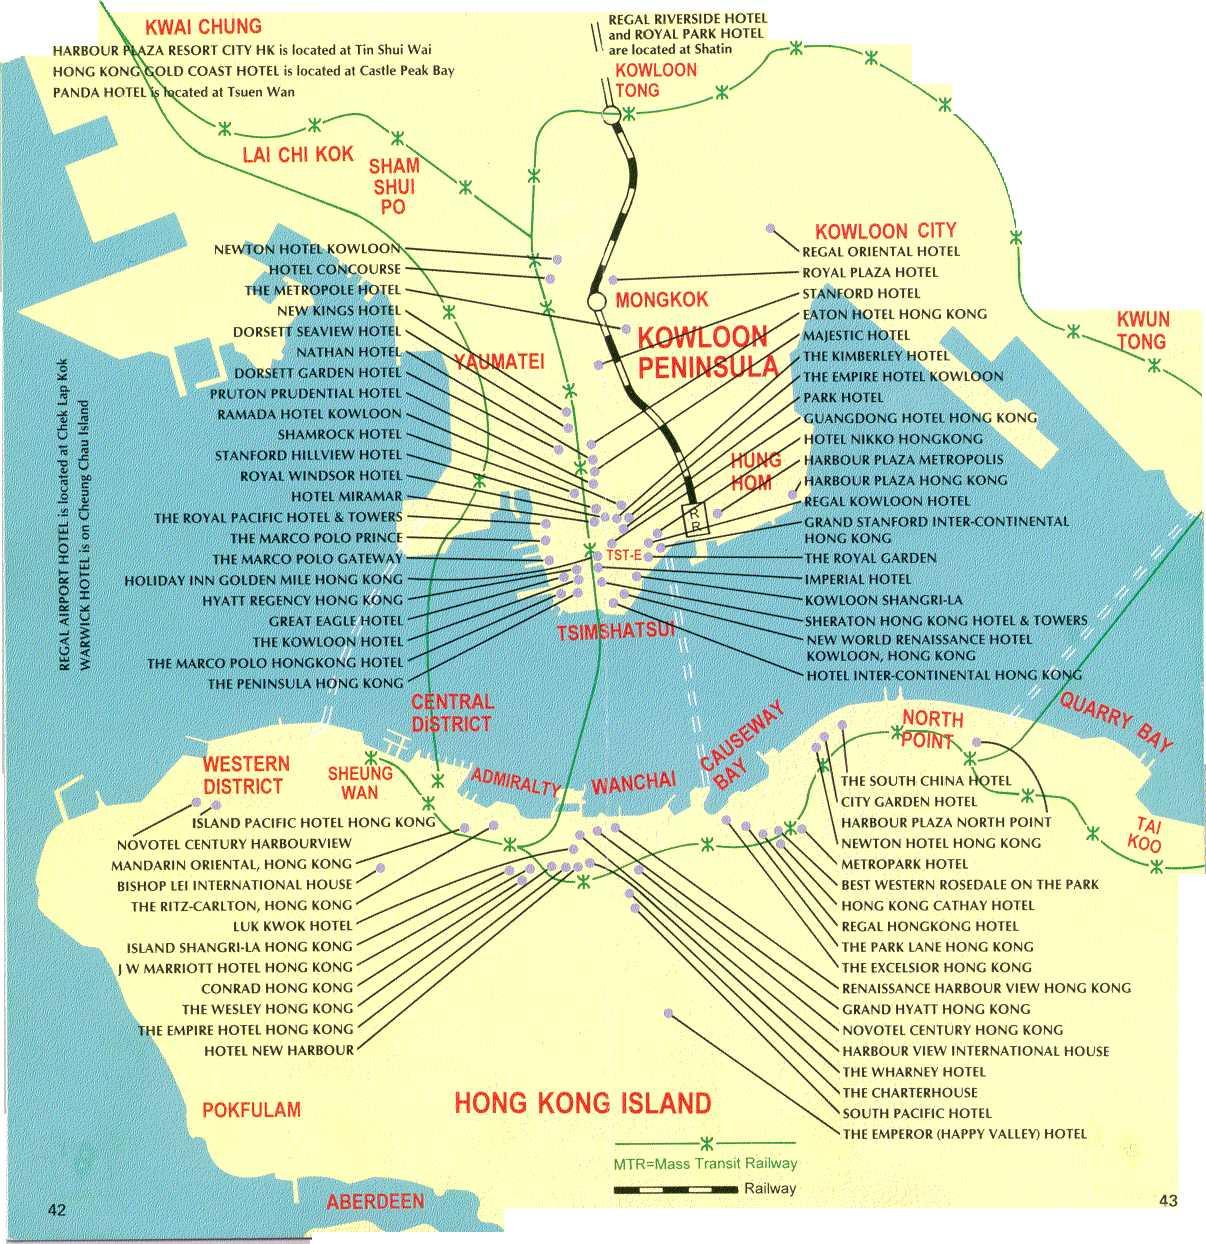 香港酒店分布图英文版hong